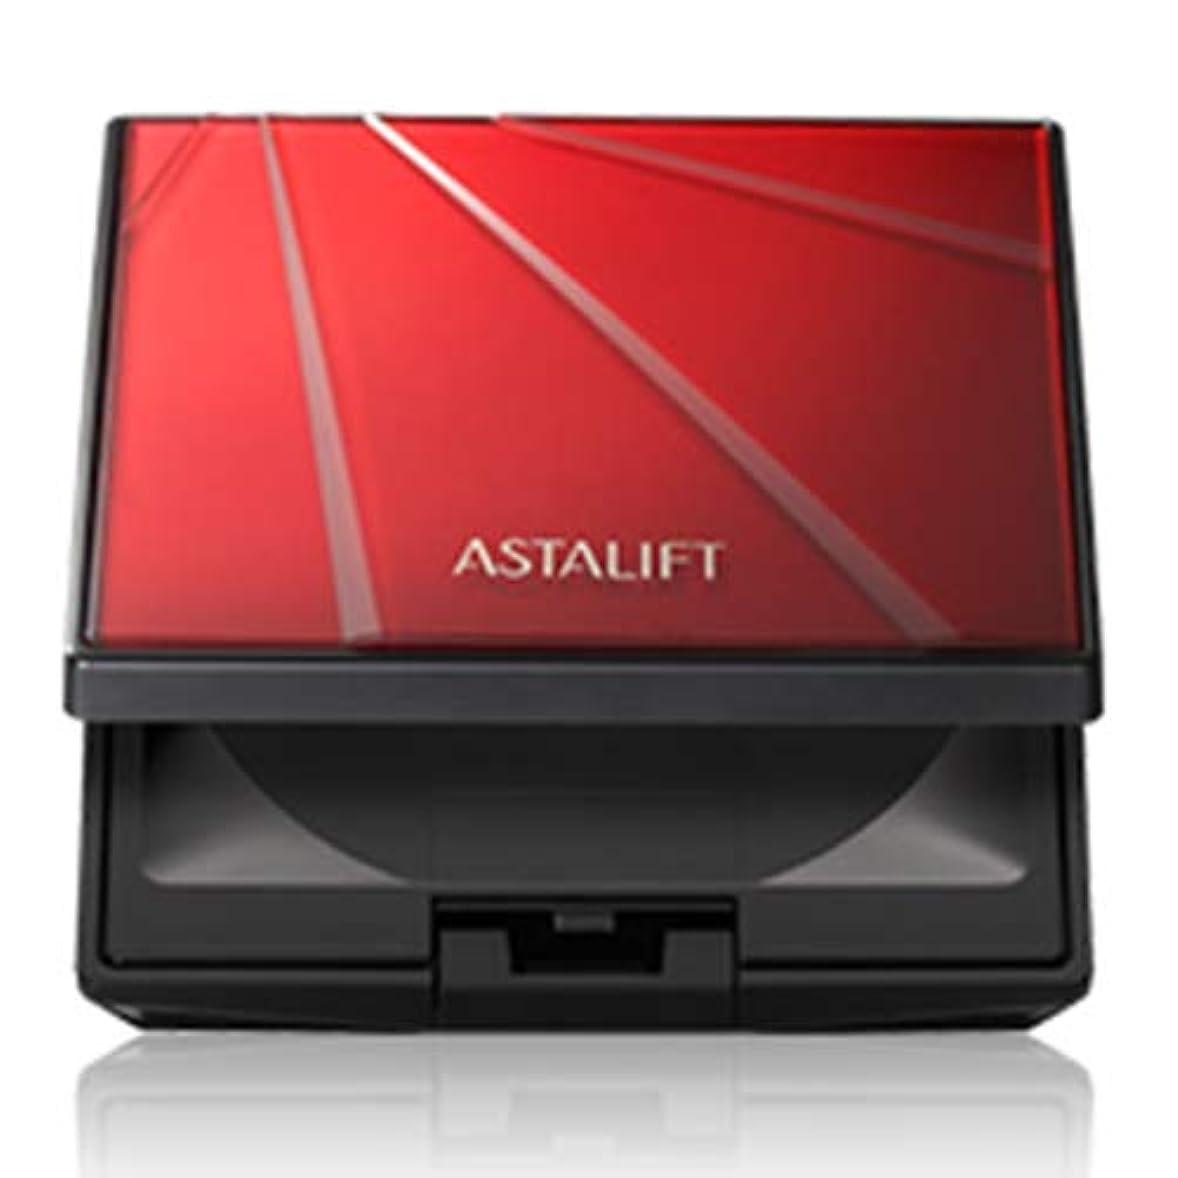 逆説日記テクスチャーASTALIFT(アスタリフト) ライティングパーフェクション プレストパウダー用ケース